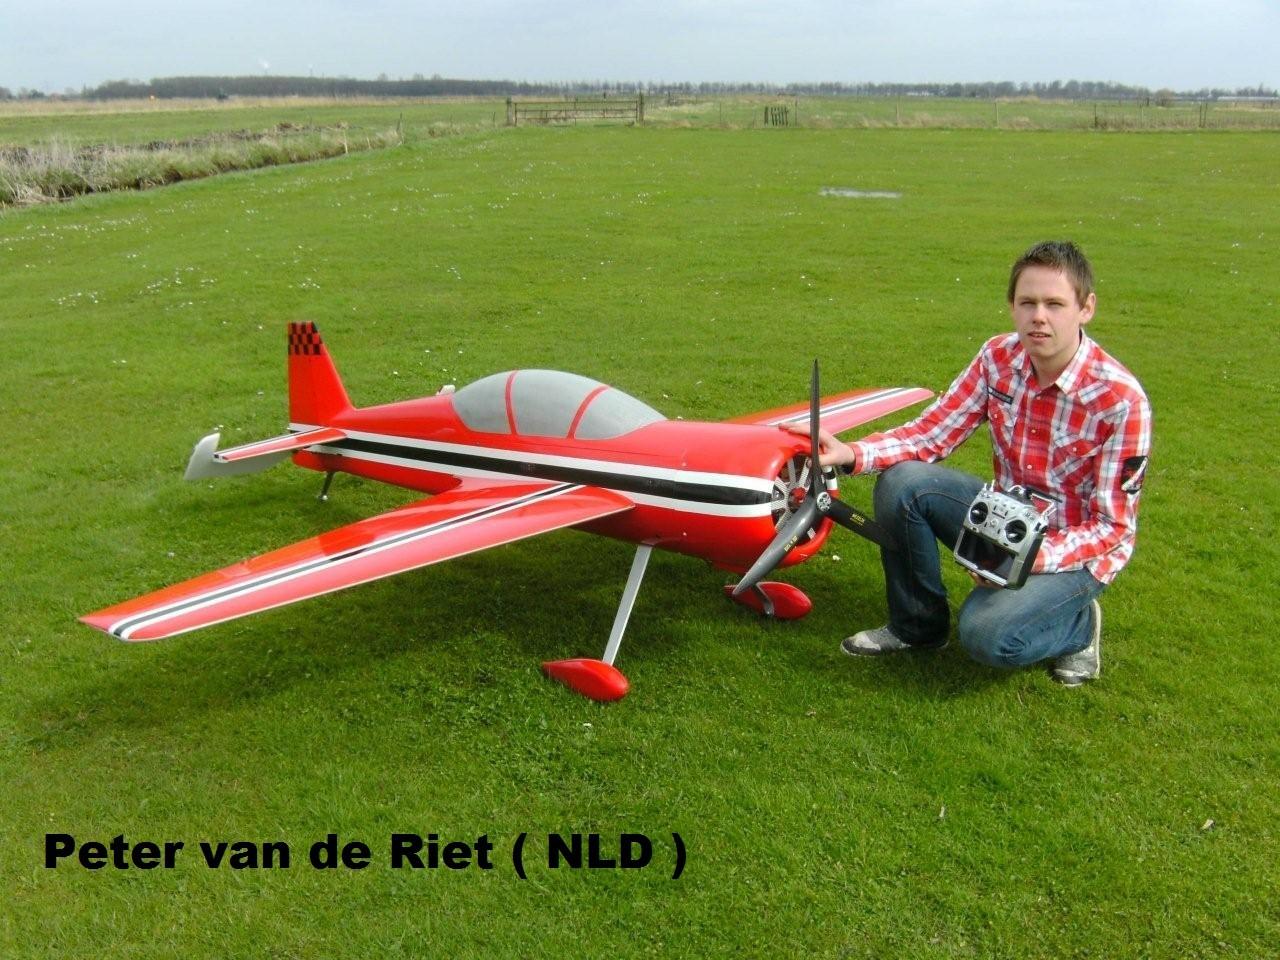 Peter van de Riet.jpg